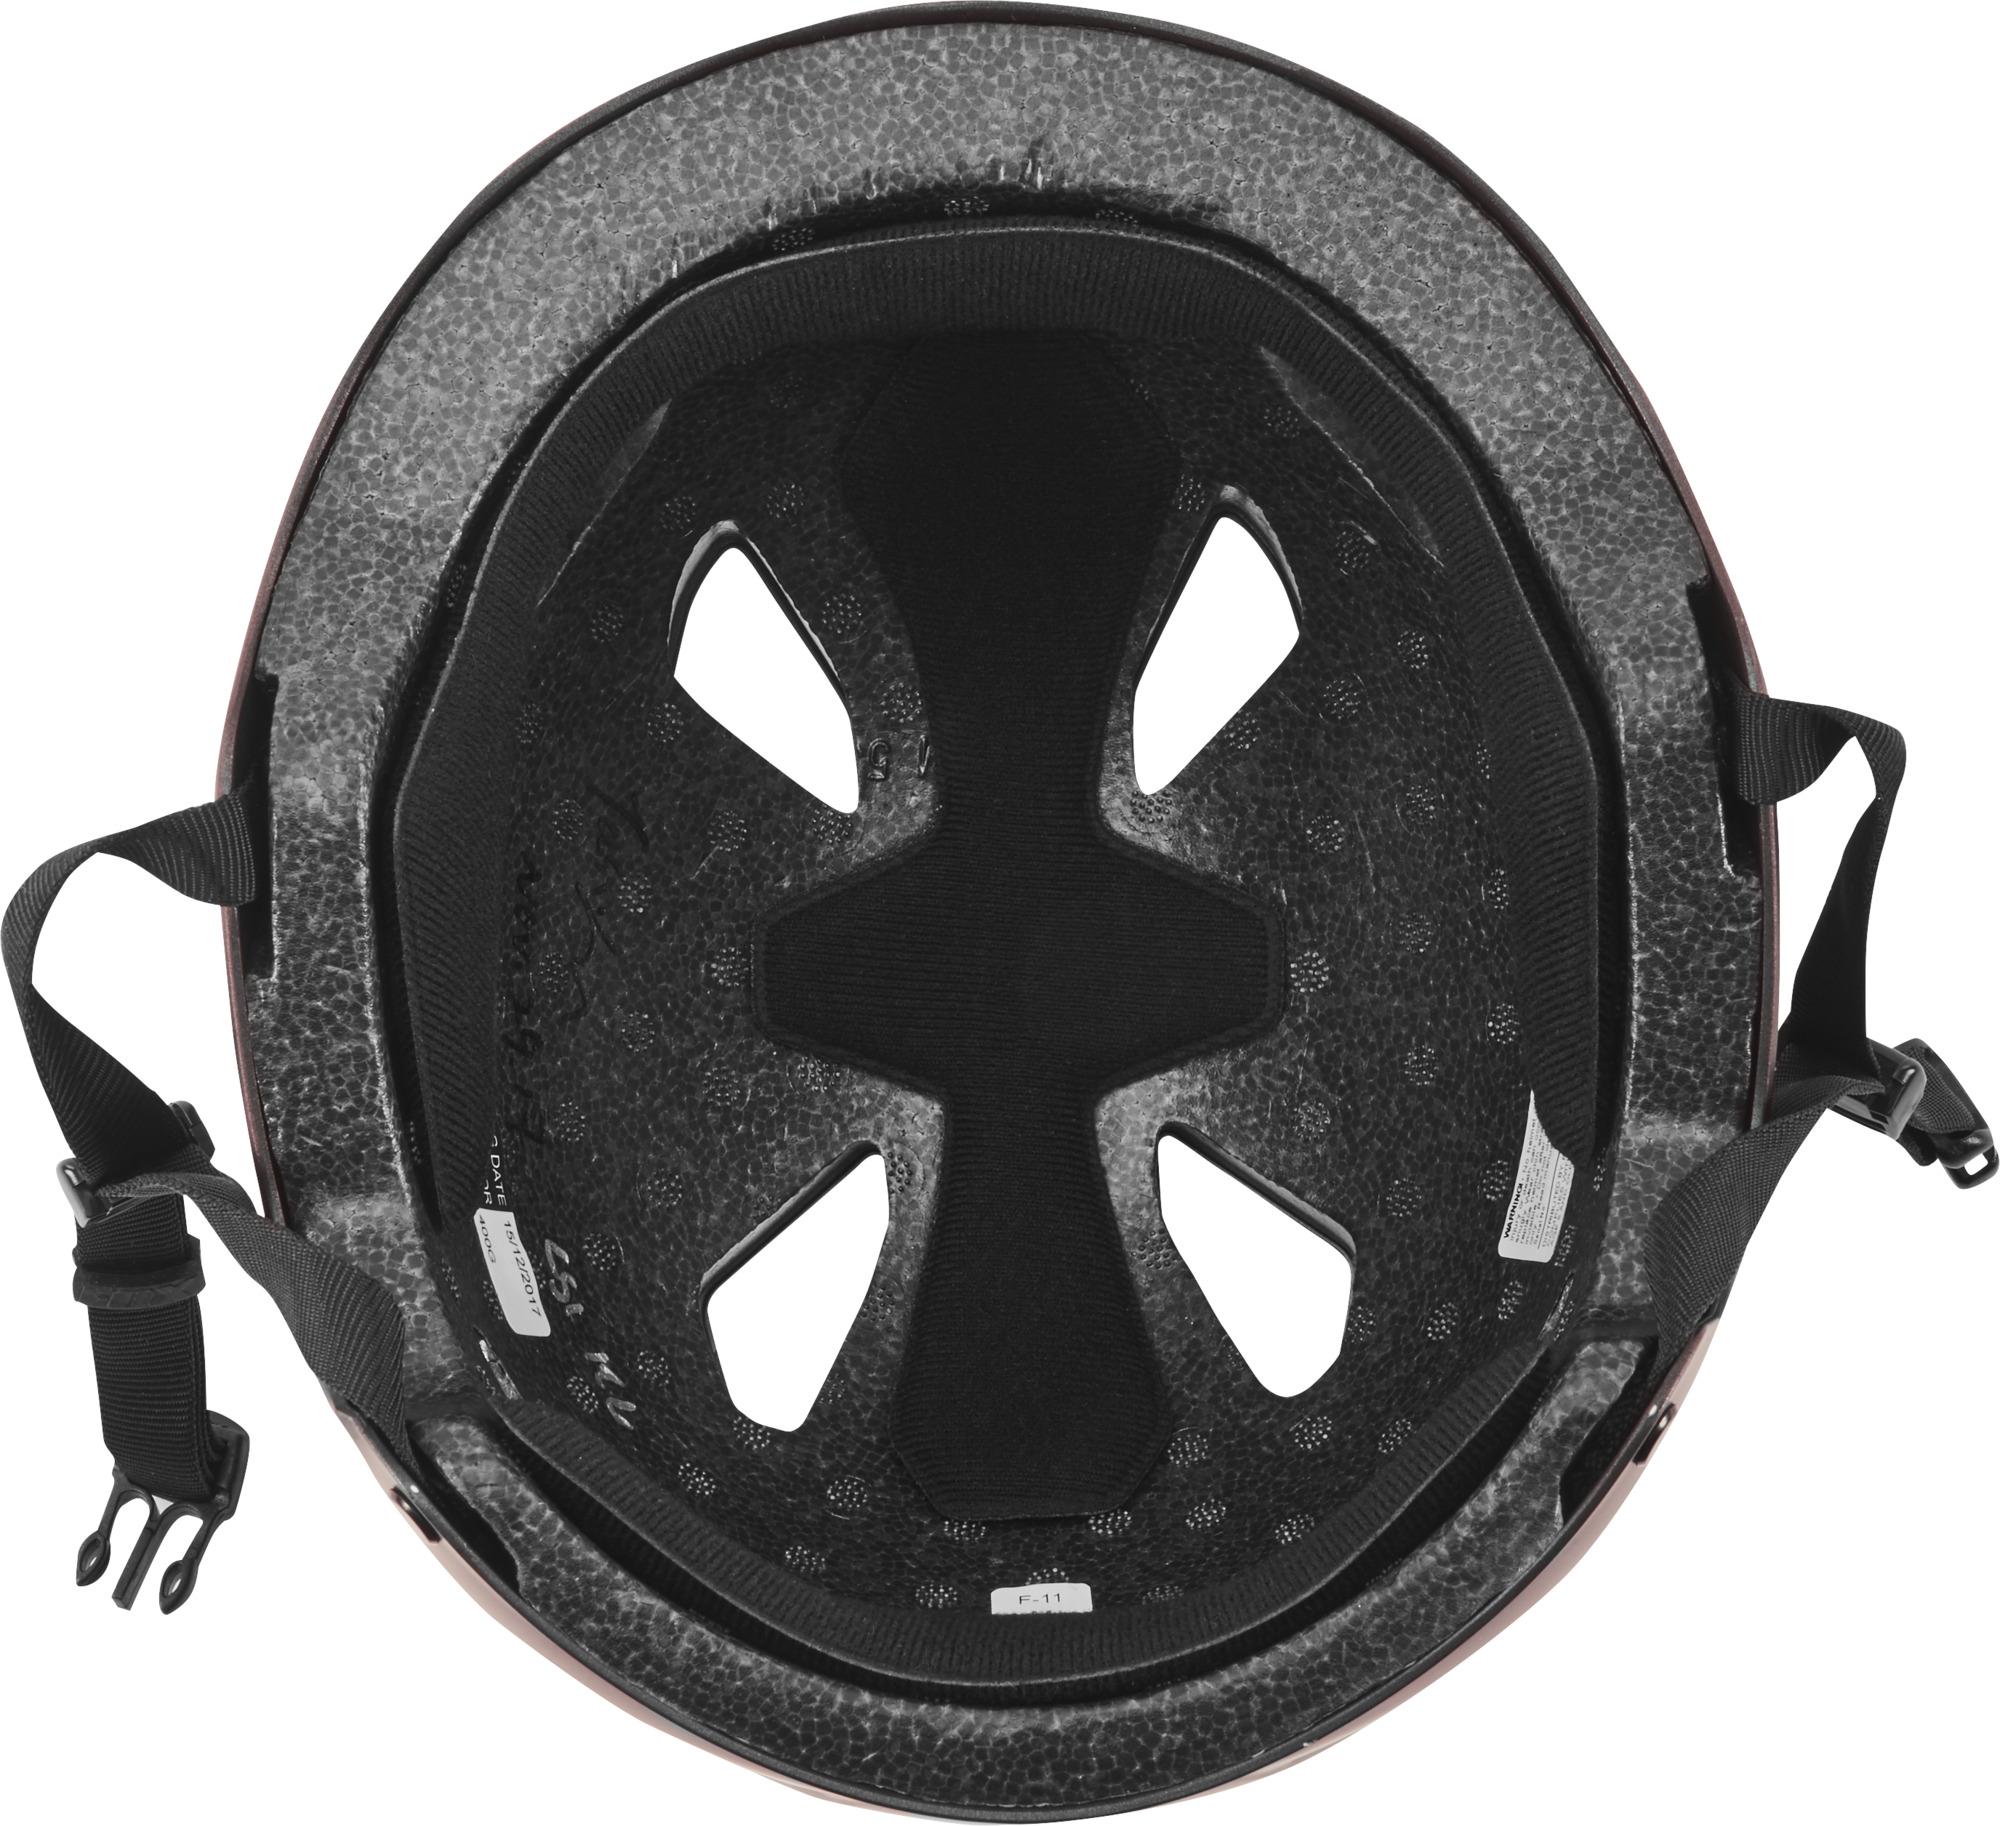 Fox-Head-Flight-Sport-Trail-Bike-Dirt-Jump-Adult-Protective-Helmet thumbnail 10